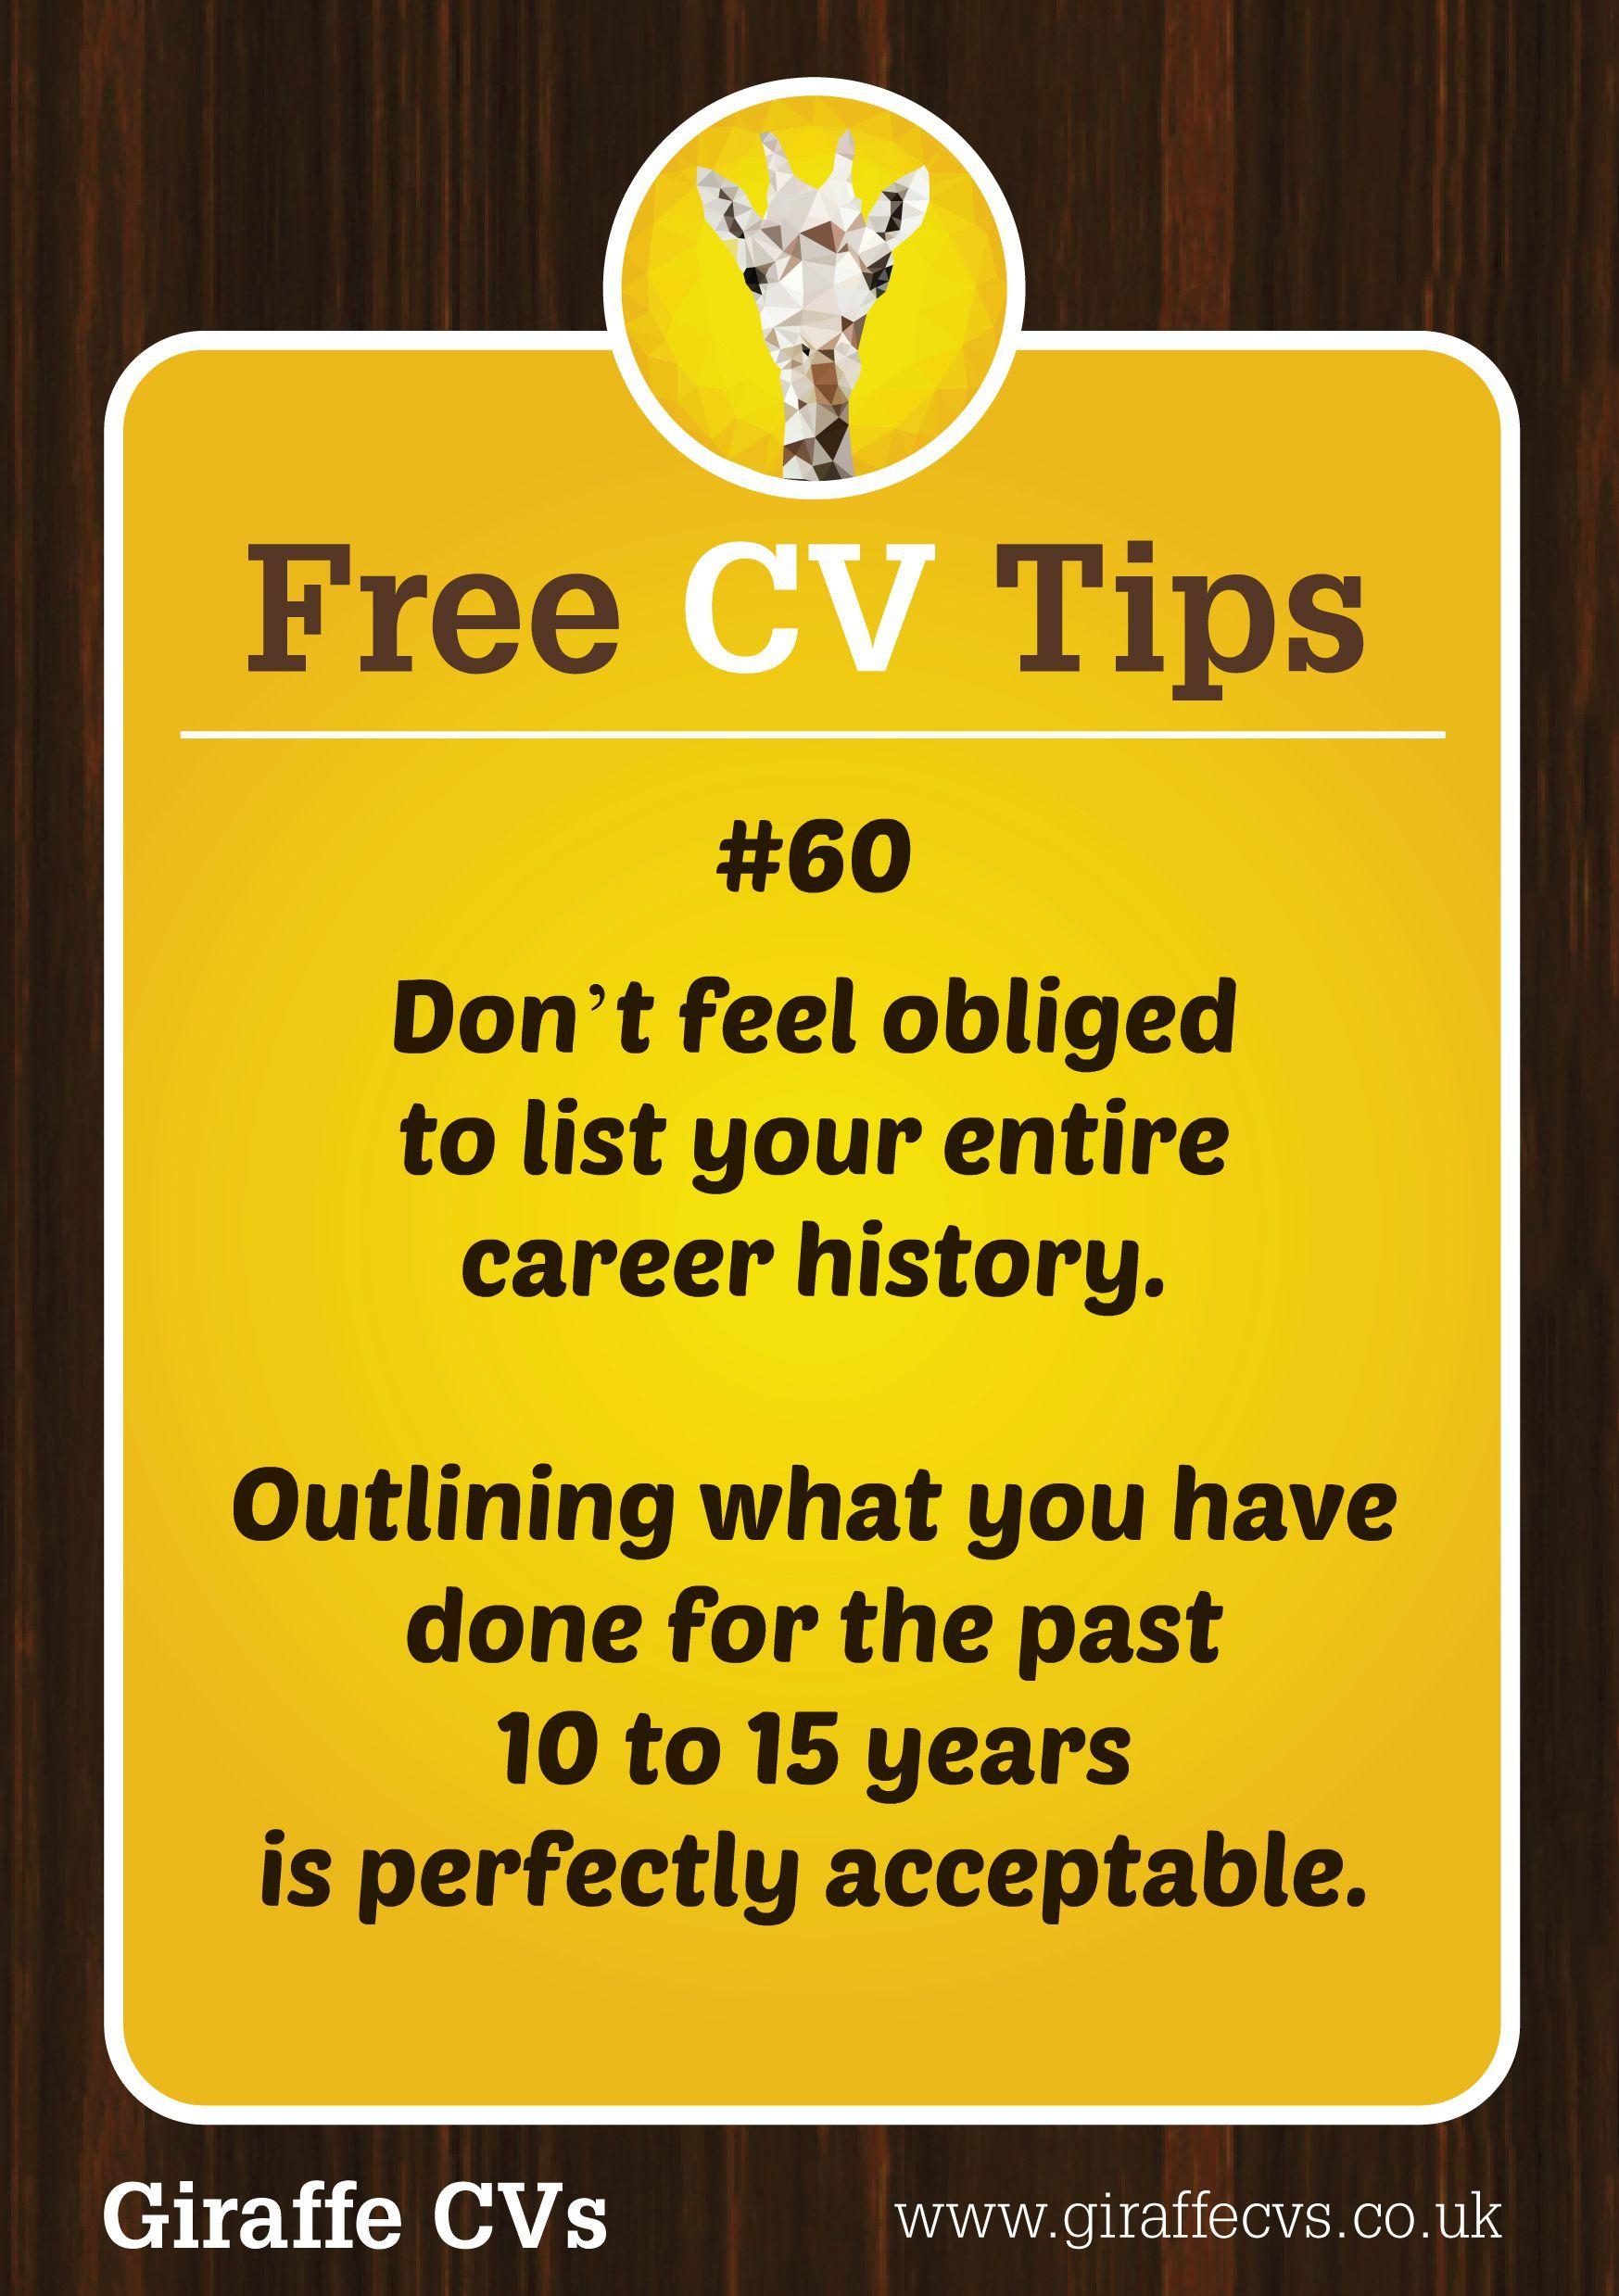 Pin by Giraffe CVs on Free CV Tips by Giraffe CVs Cv